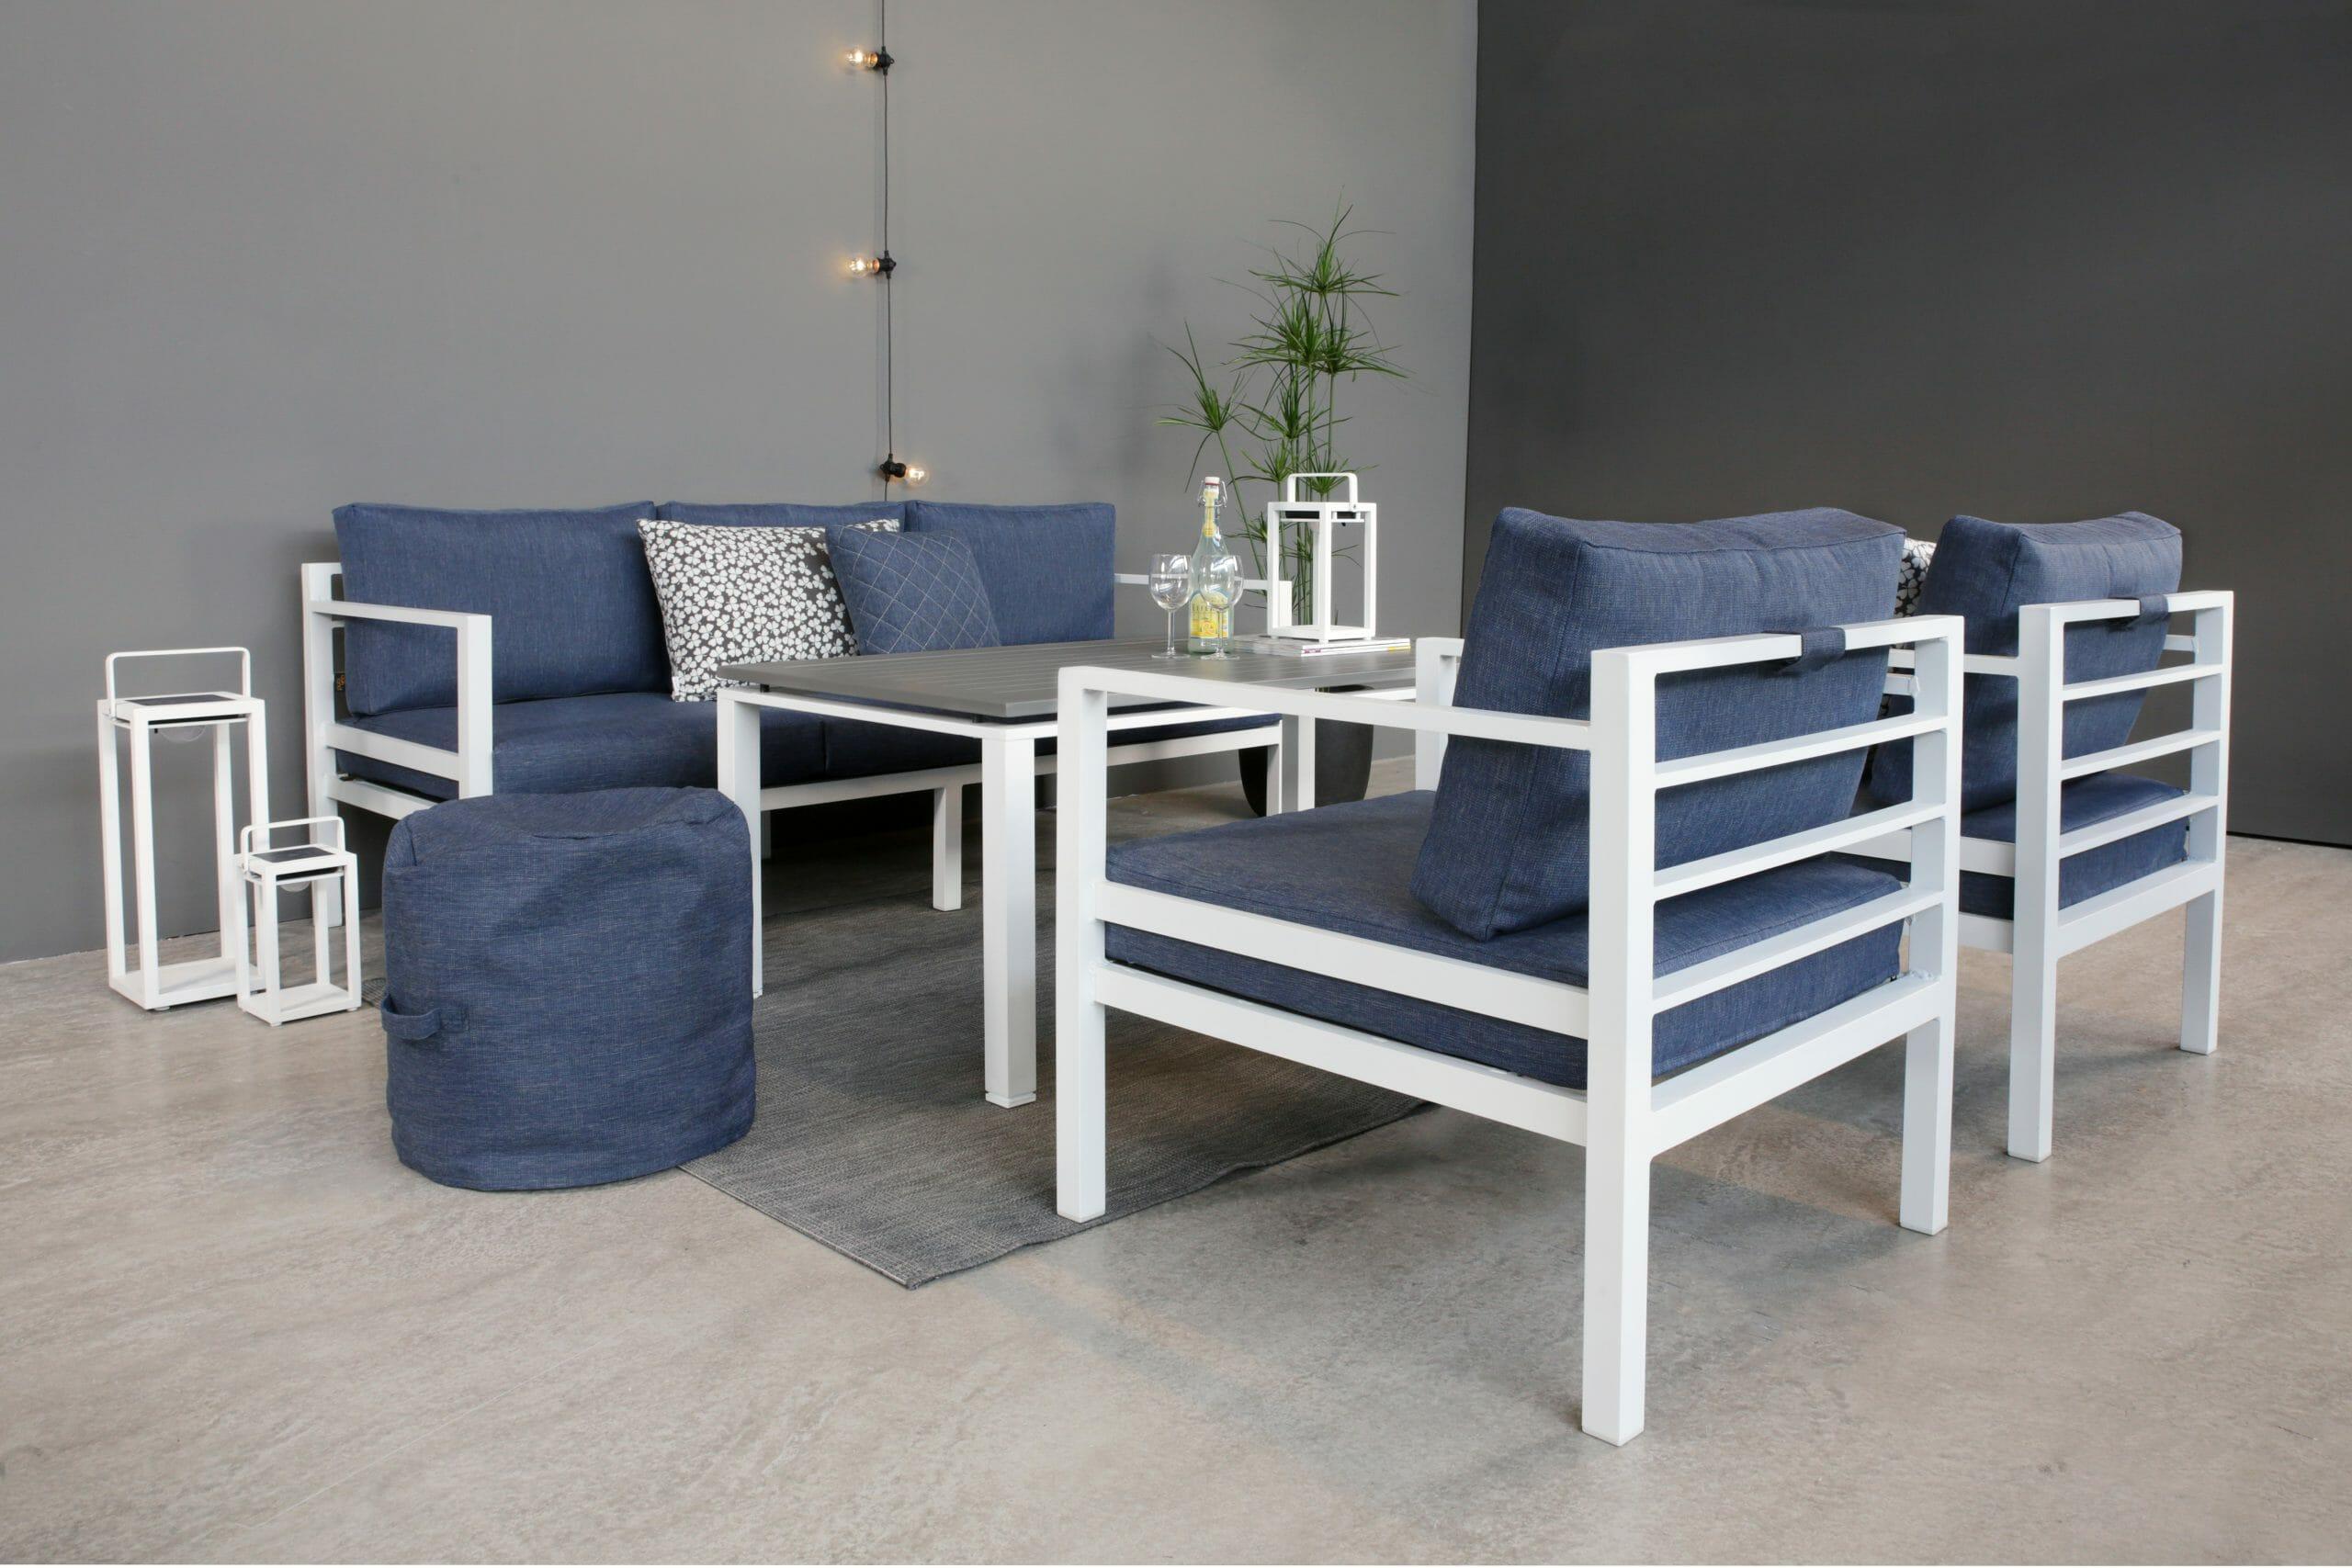 Adelaide Hagegruppe 3+1+1+grått bord blå allværsputer